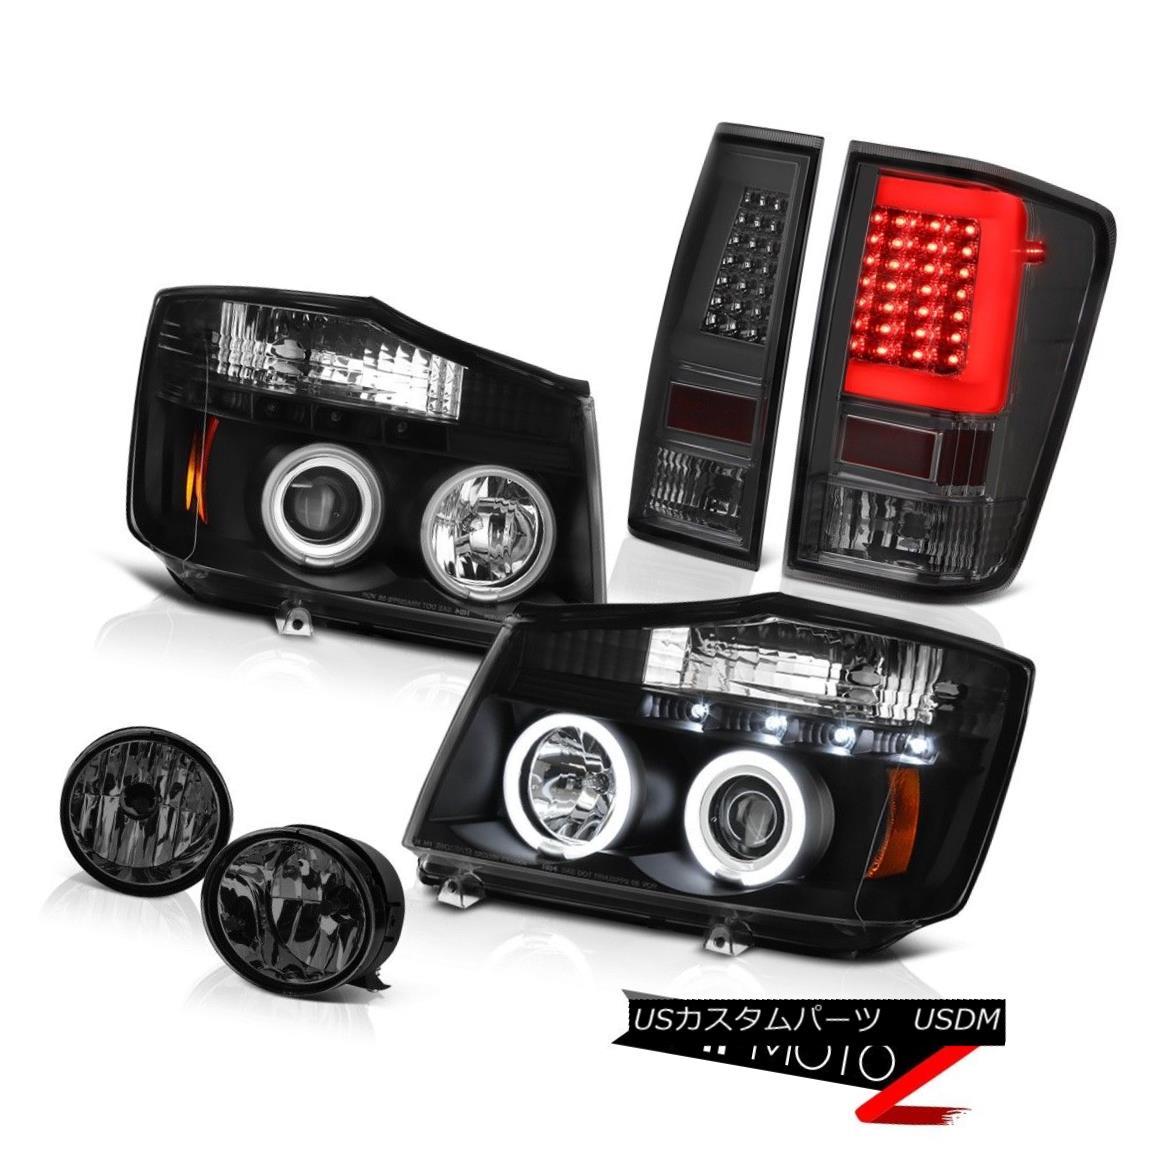 テールライト 04 05 06-14 For Nissan Titan Phantom Smoke Fog Neon Tube Tail Head Lights Set 04 05 06-14日産タイタンファントムスモークフォグネオンチューブテールヘッドライトセット